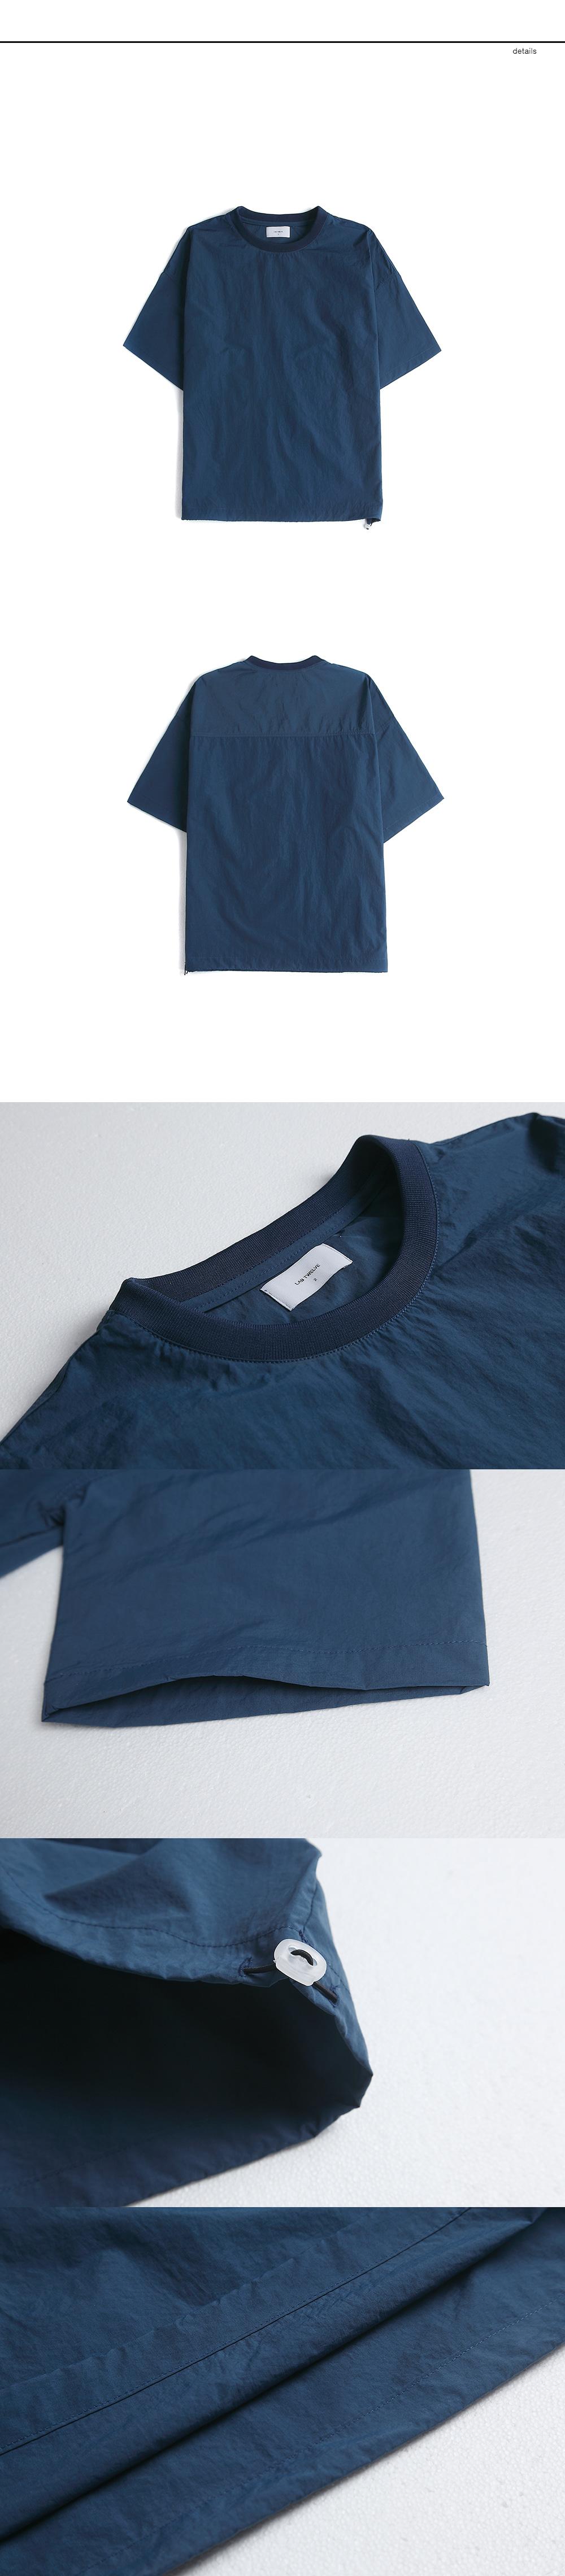 랩12(LAB12) 19S/S 이지 나일론 티셔츠 (블루)